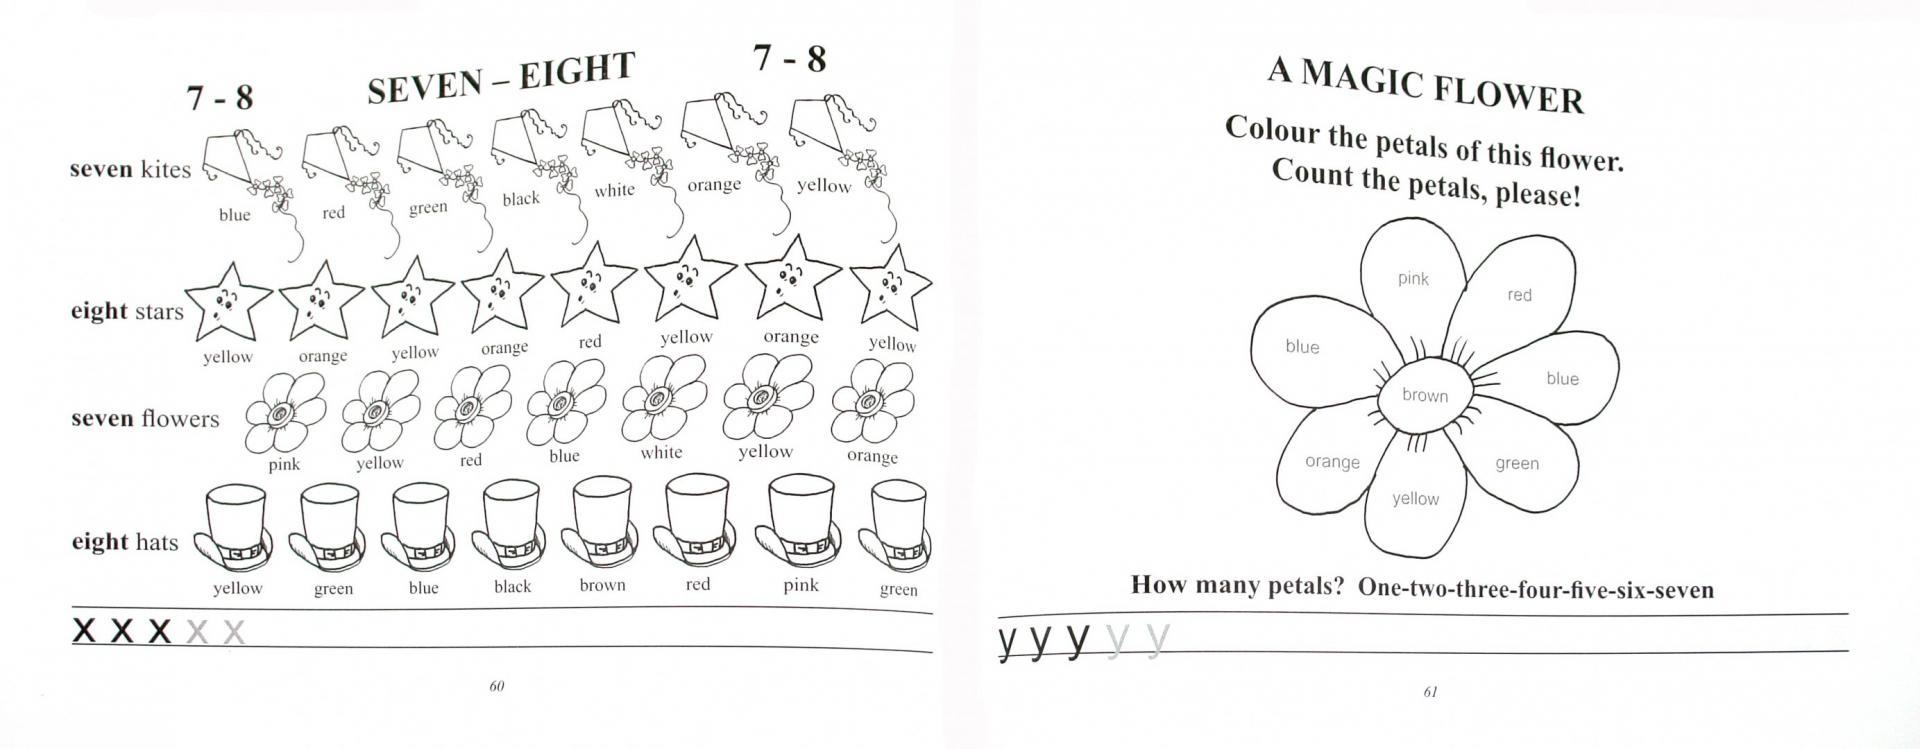 Иллюстрация 1 из 6 для Мой волшебный английский для дошкольников - Ева Камм | Лабиринт - книги. Источник: Лабиринт